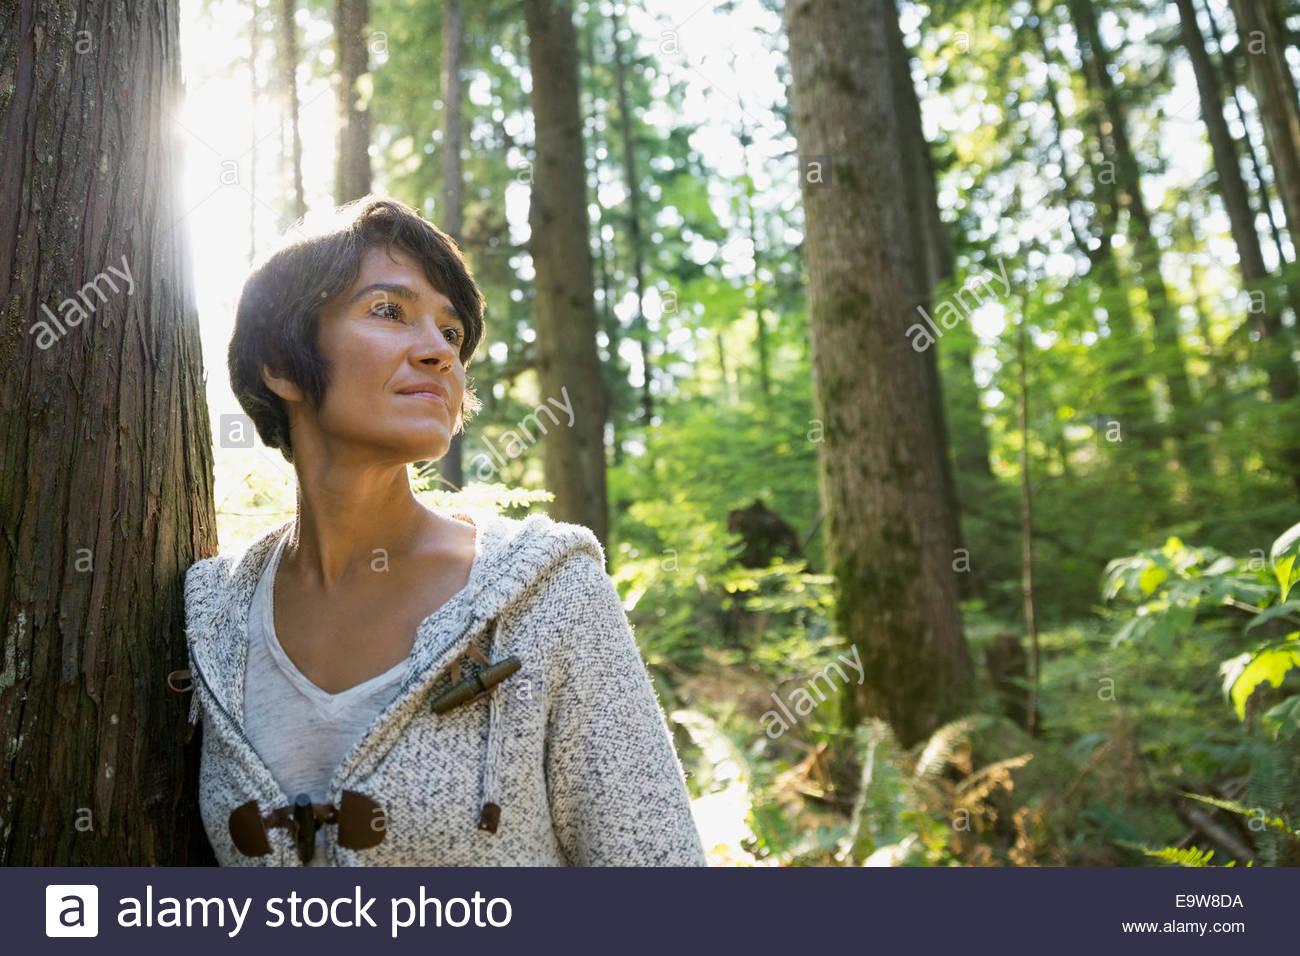 Serena donna appoggiata contro l'albero nel bosco Immagini Stock